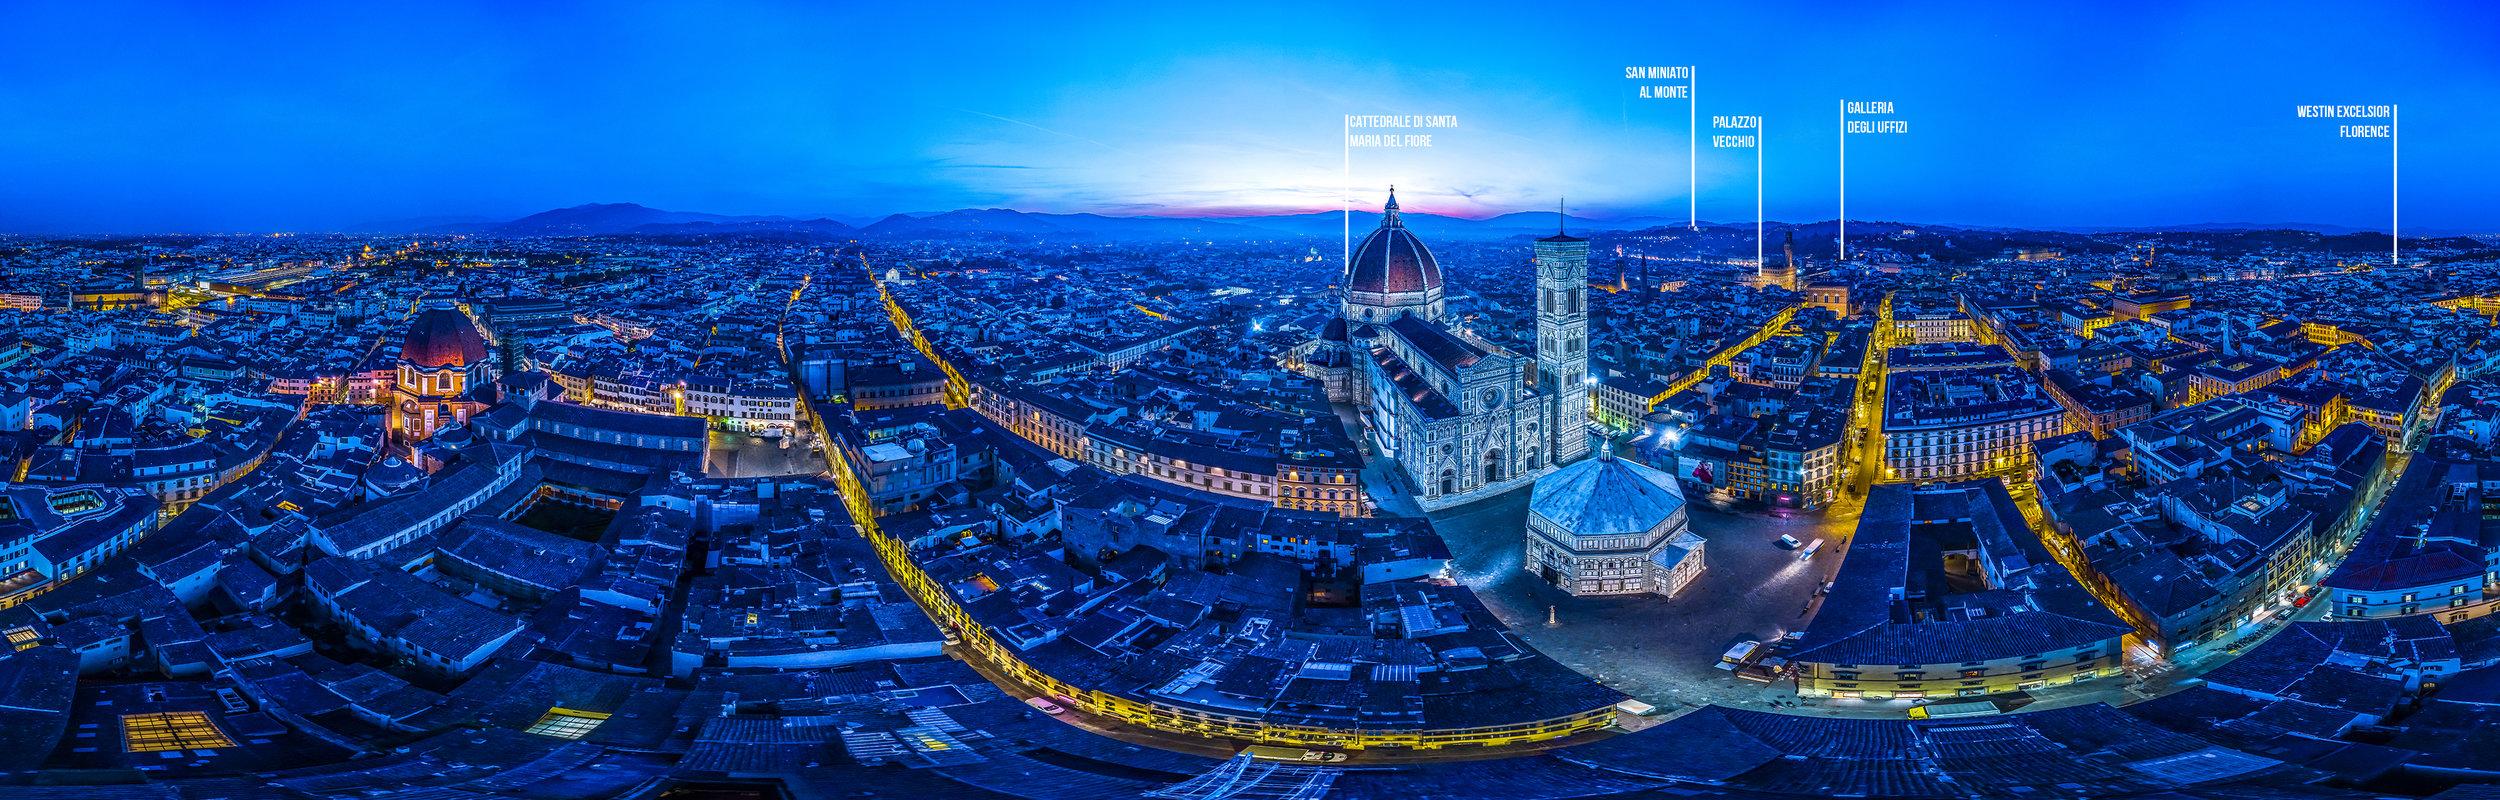 PANO-Florence POI 3.jpg